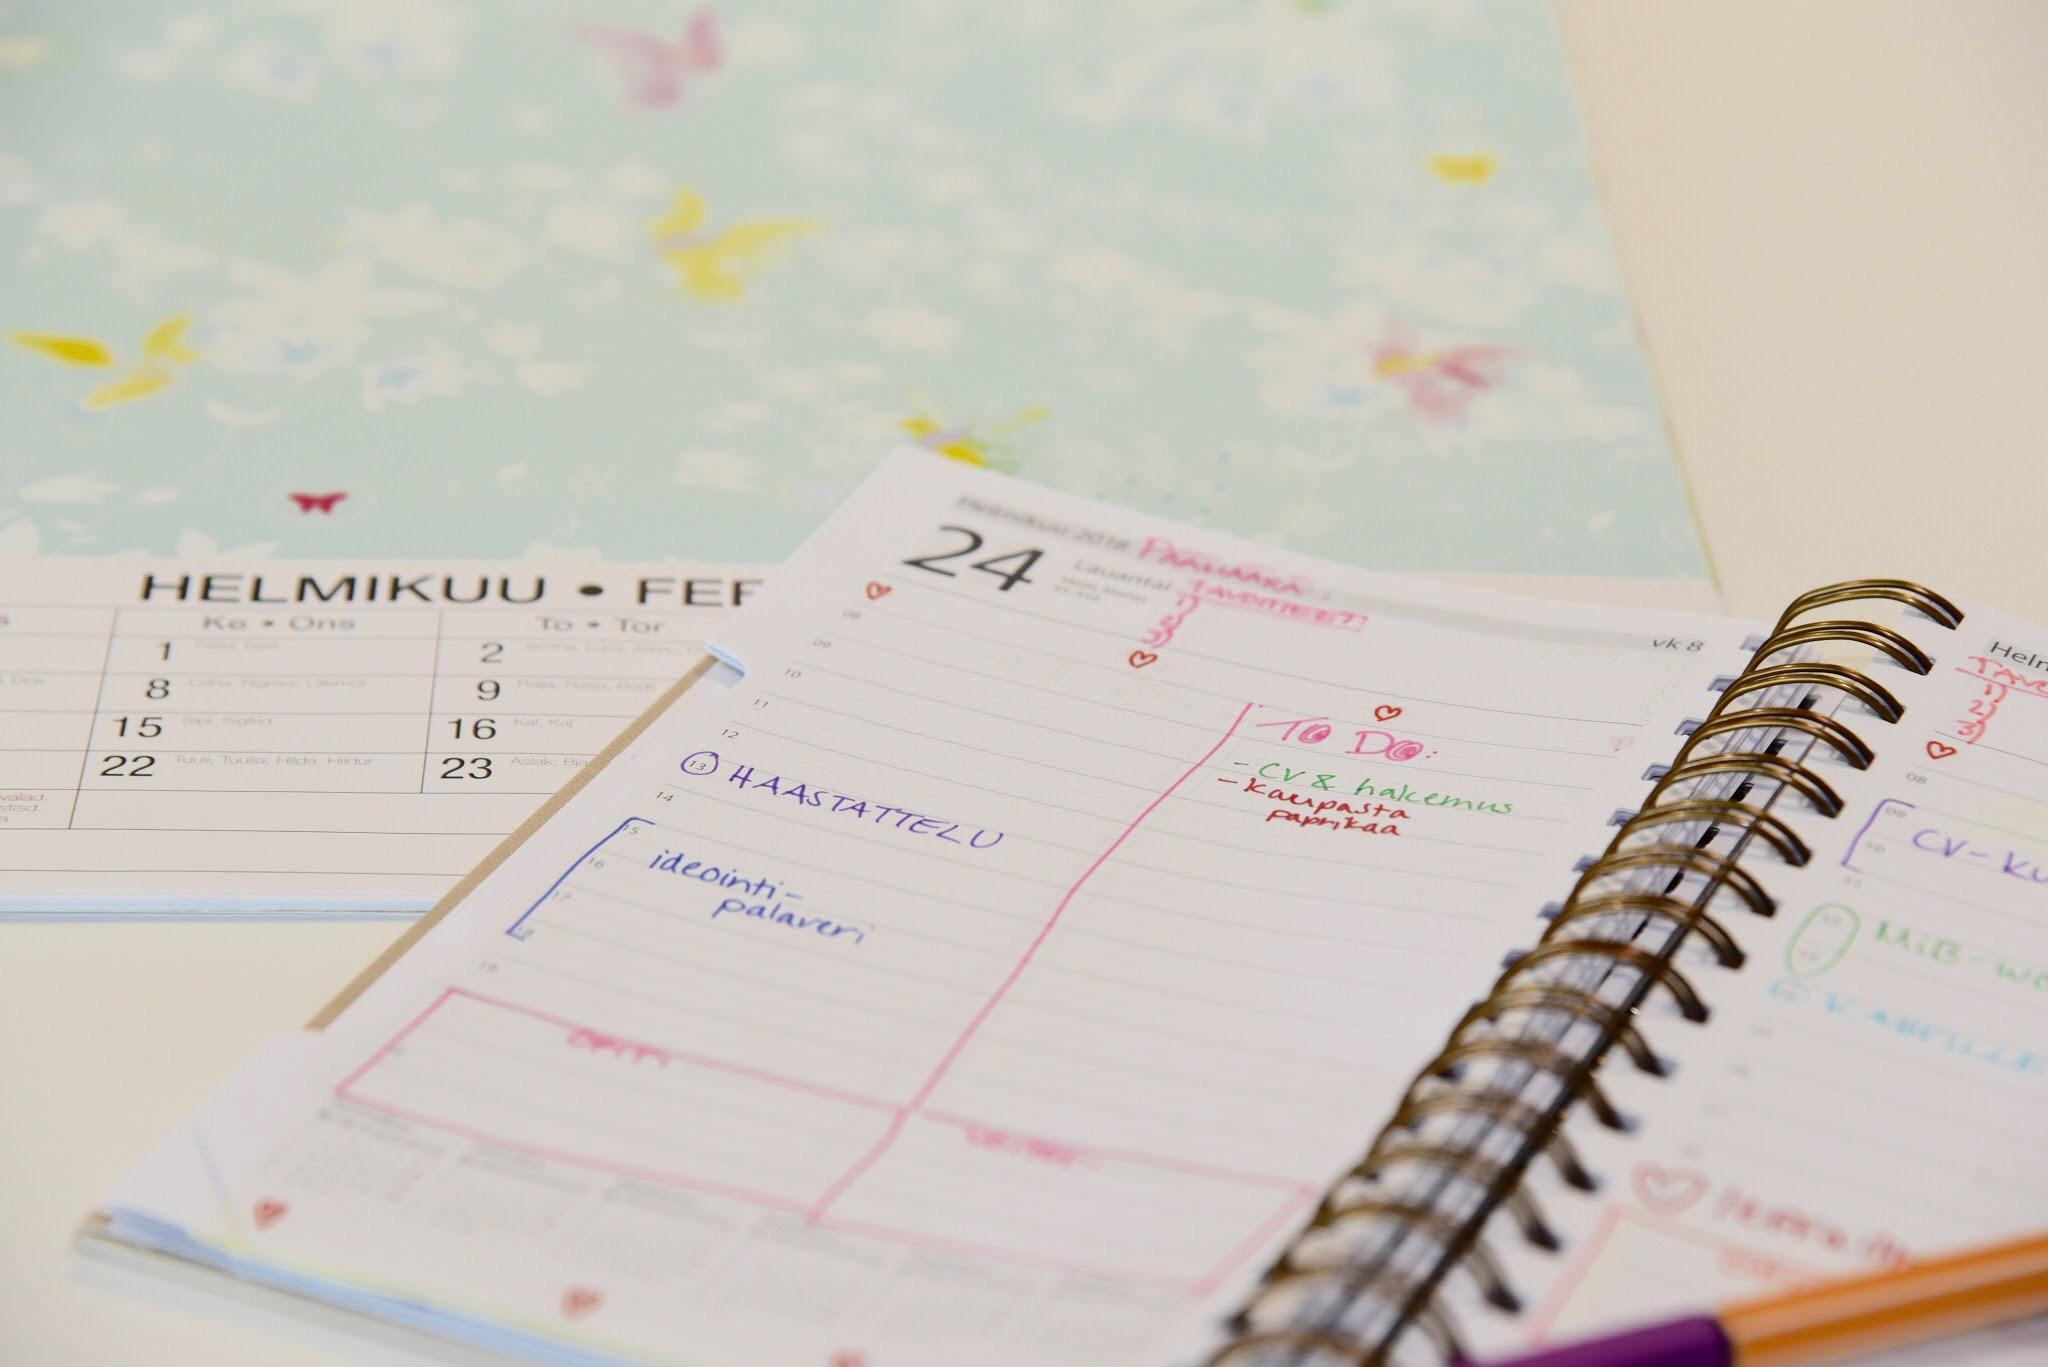 Kalenteri avoinaisena pöydällä.